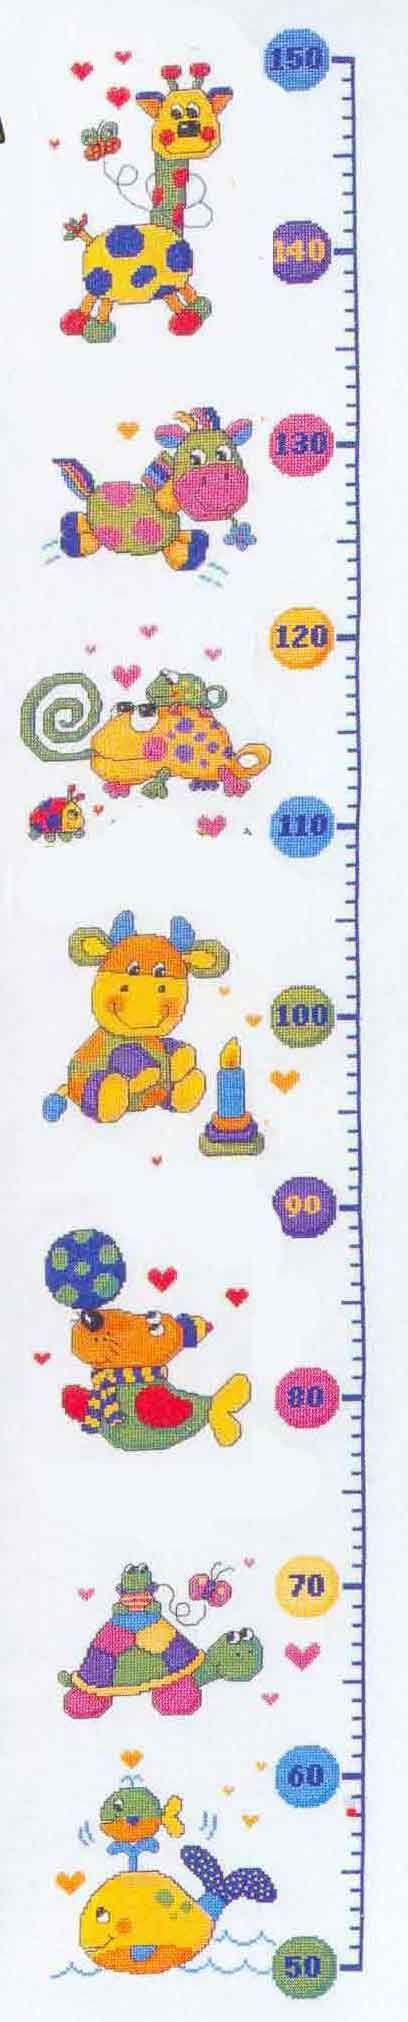 Patrones medidores infantiles en punto de cruz - Imagui | Mis ...